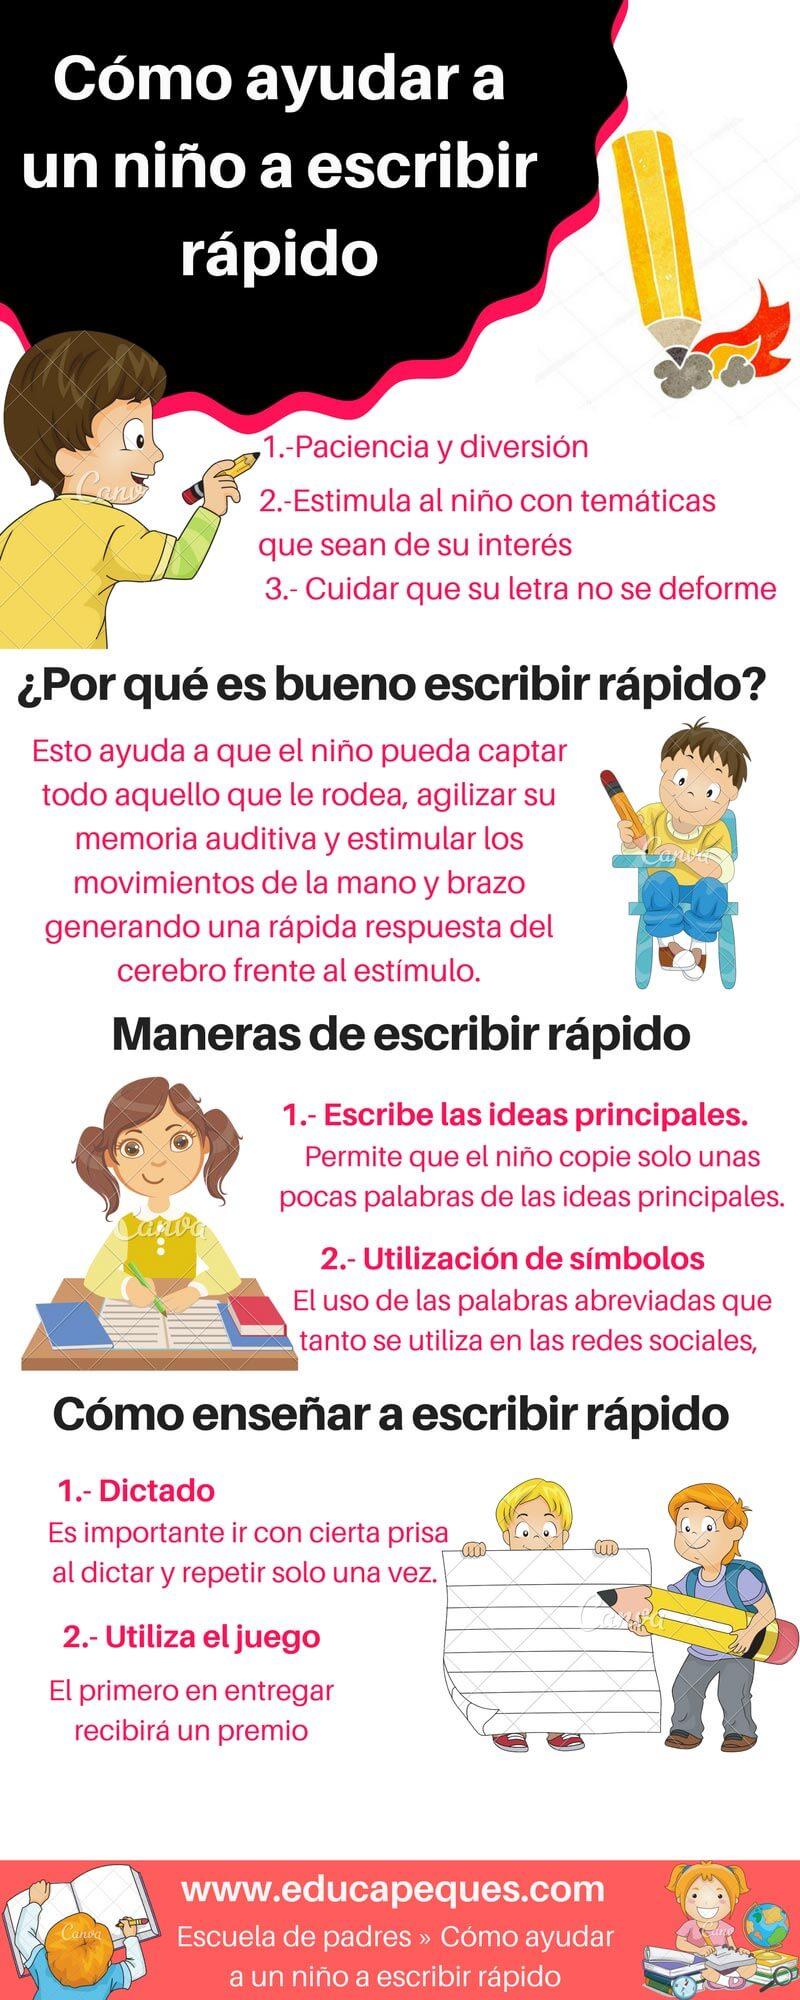 Cómo ayudar a un niño a escribir rápido | Portal Educapeques